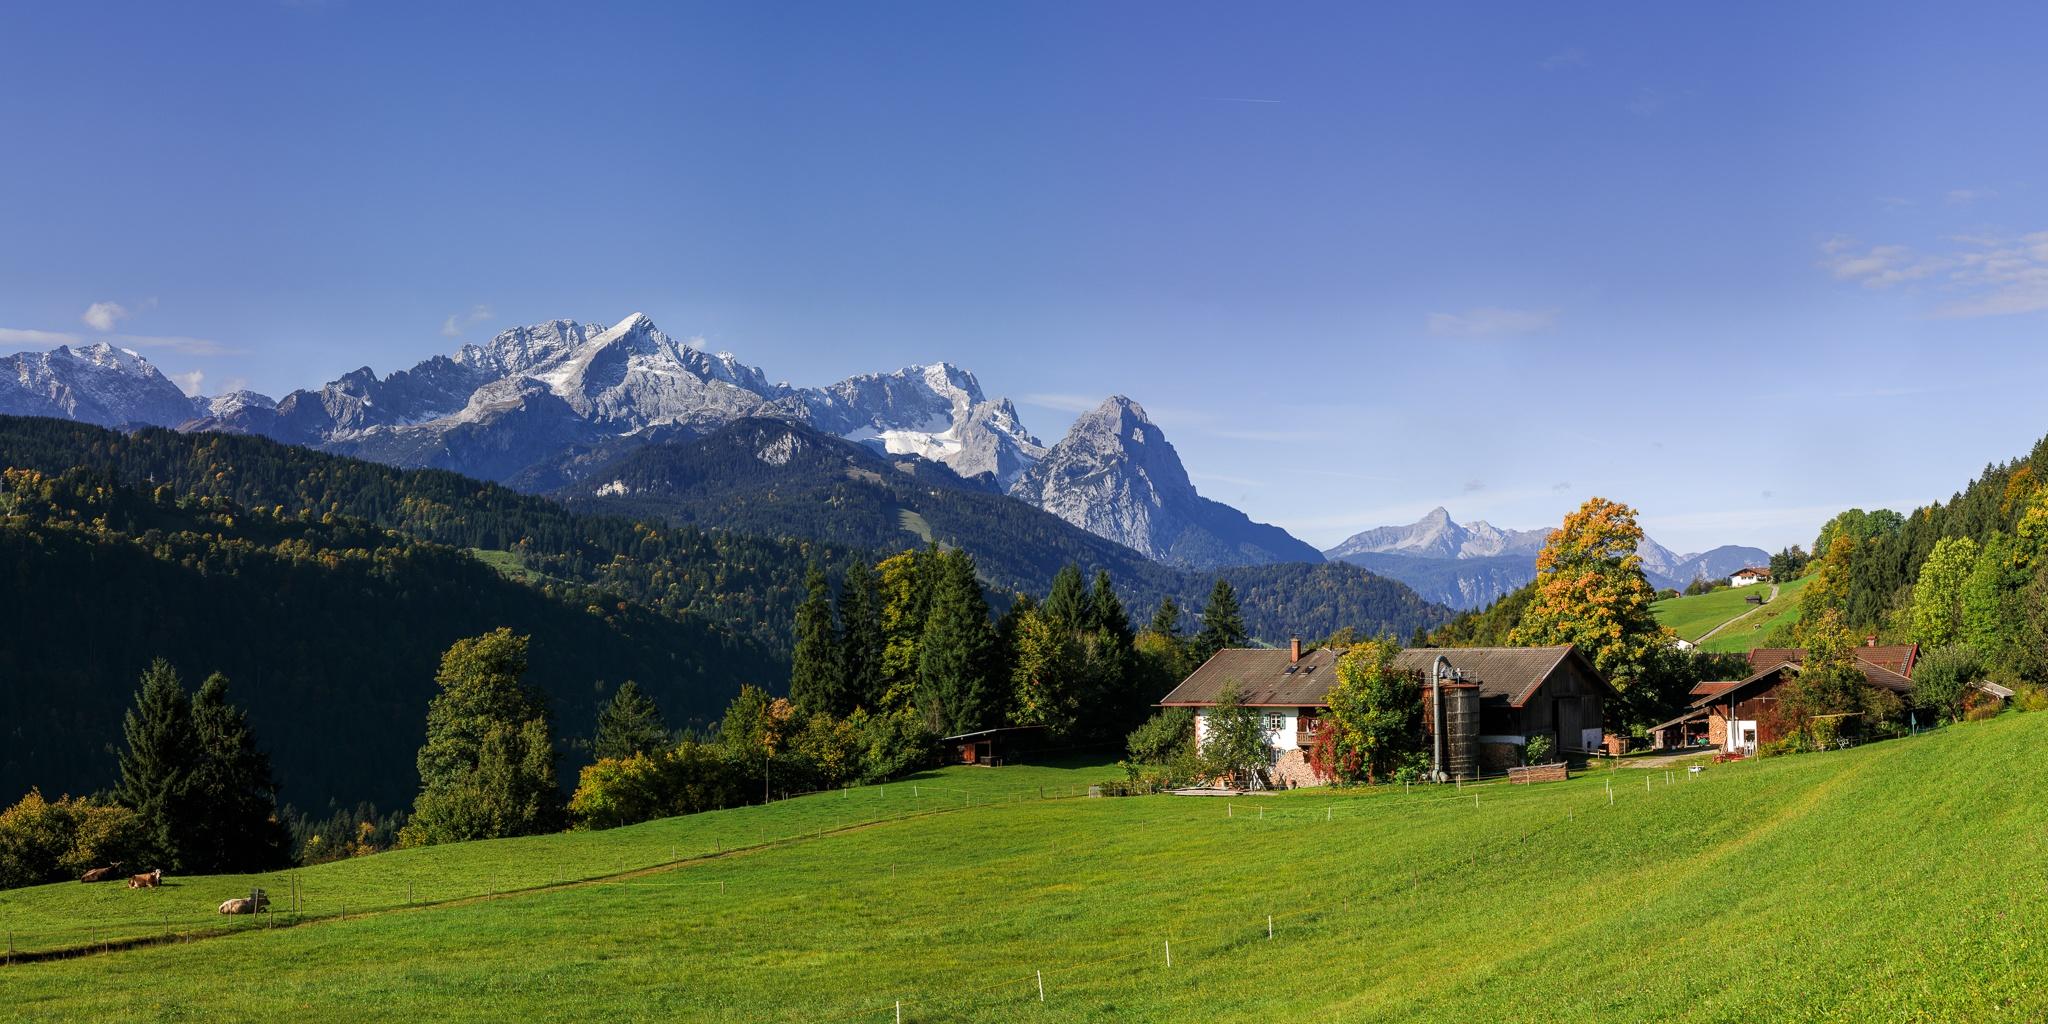 Bergbauernhof mit Blick auf die Garmisch-Partenkirchener Berge bei Sonnenaufgang.